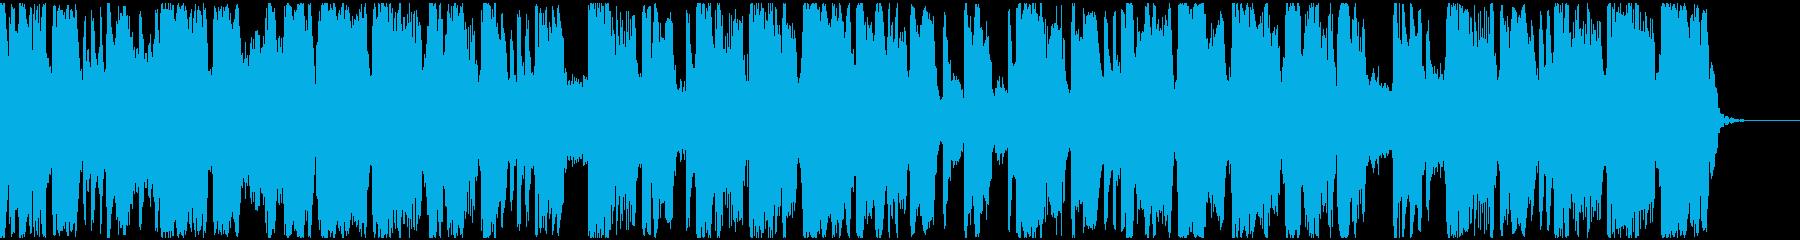 【フューチャーベース】4、ショート6の再生済みの波形